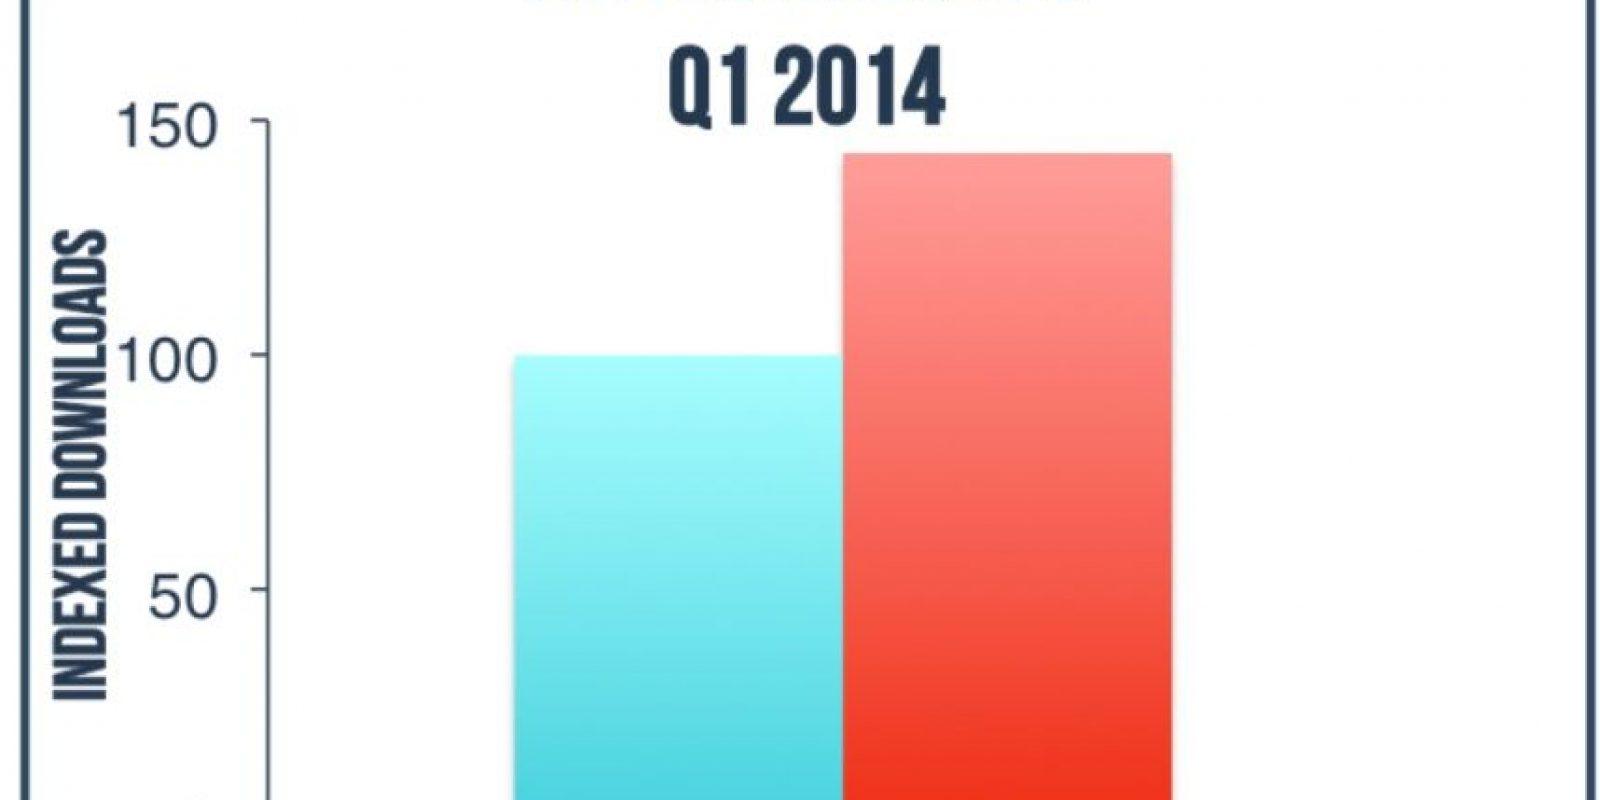 Lo más descargado en el primer trimestre del 2014. Foto:App Annie